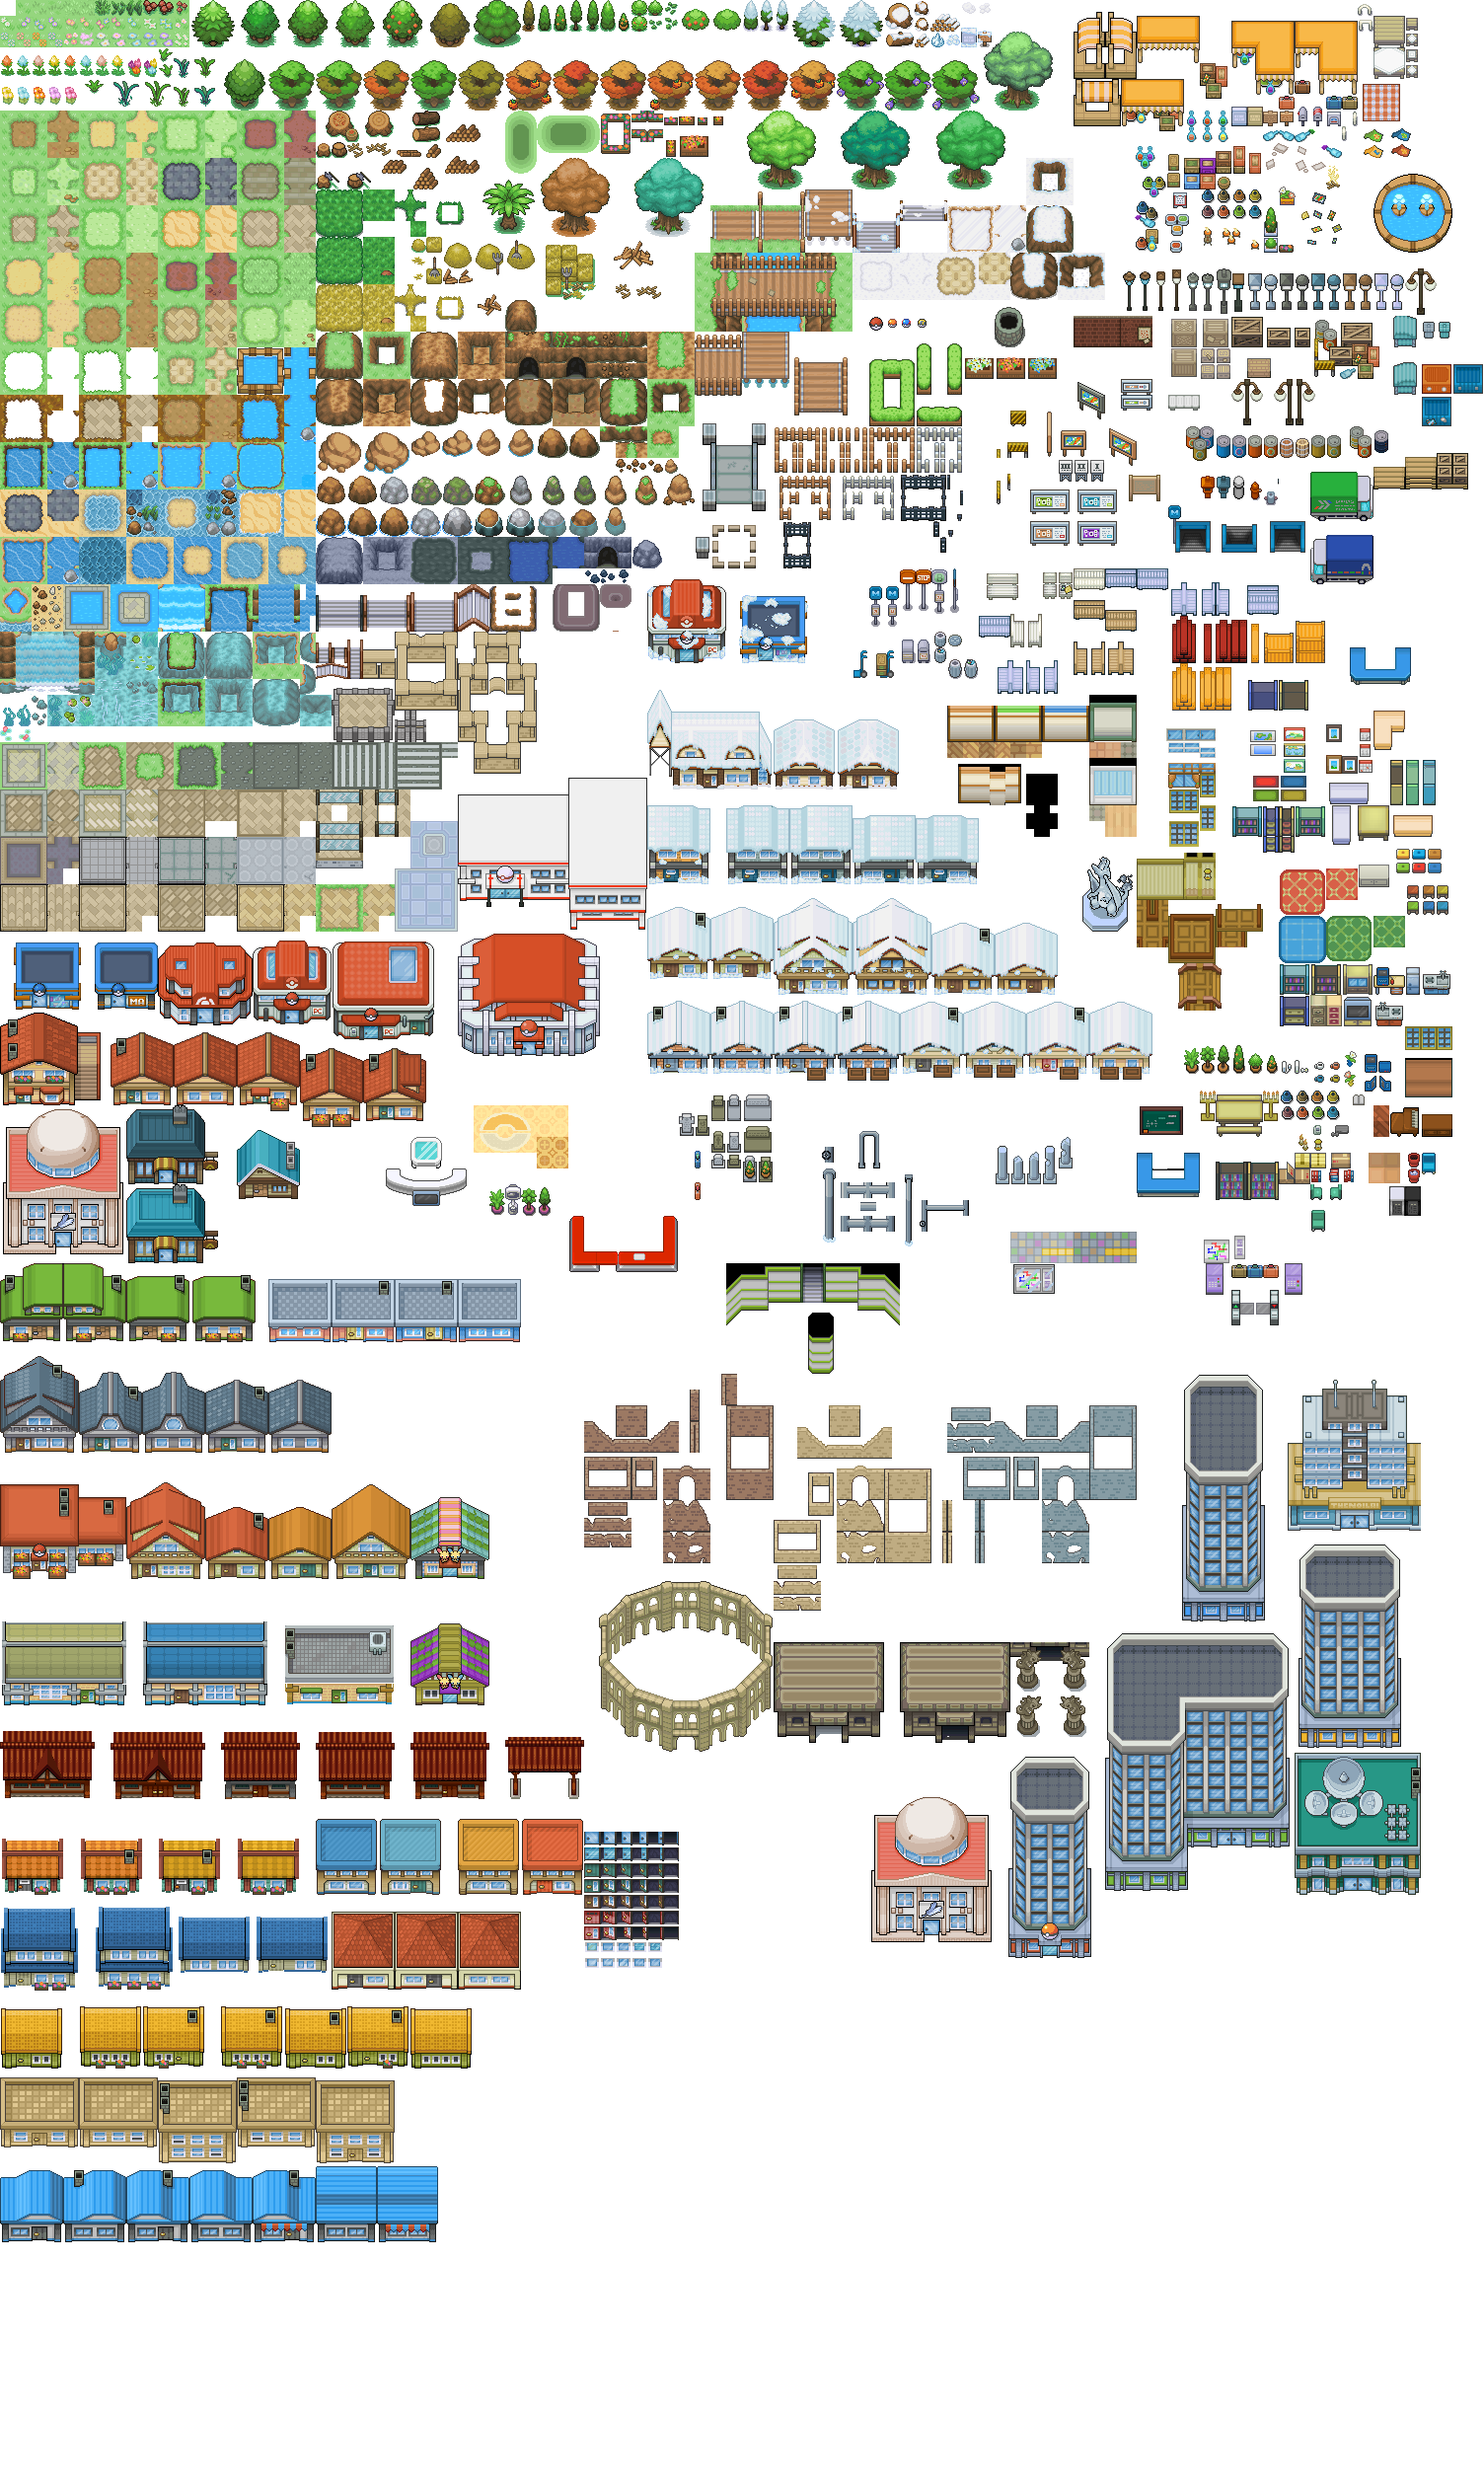 Pixel art pokemon tileset from public tiles by pixel art pokemon tileset from public tiles by chaoticcherrycake on deviantart art pixels pinterest rpg maker rpg and deviantart gumiabroncs Gallery